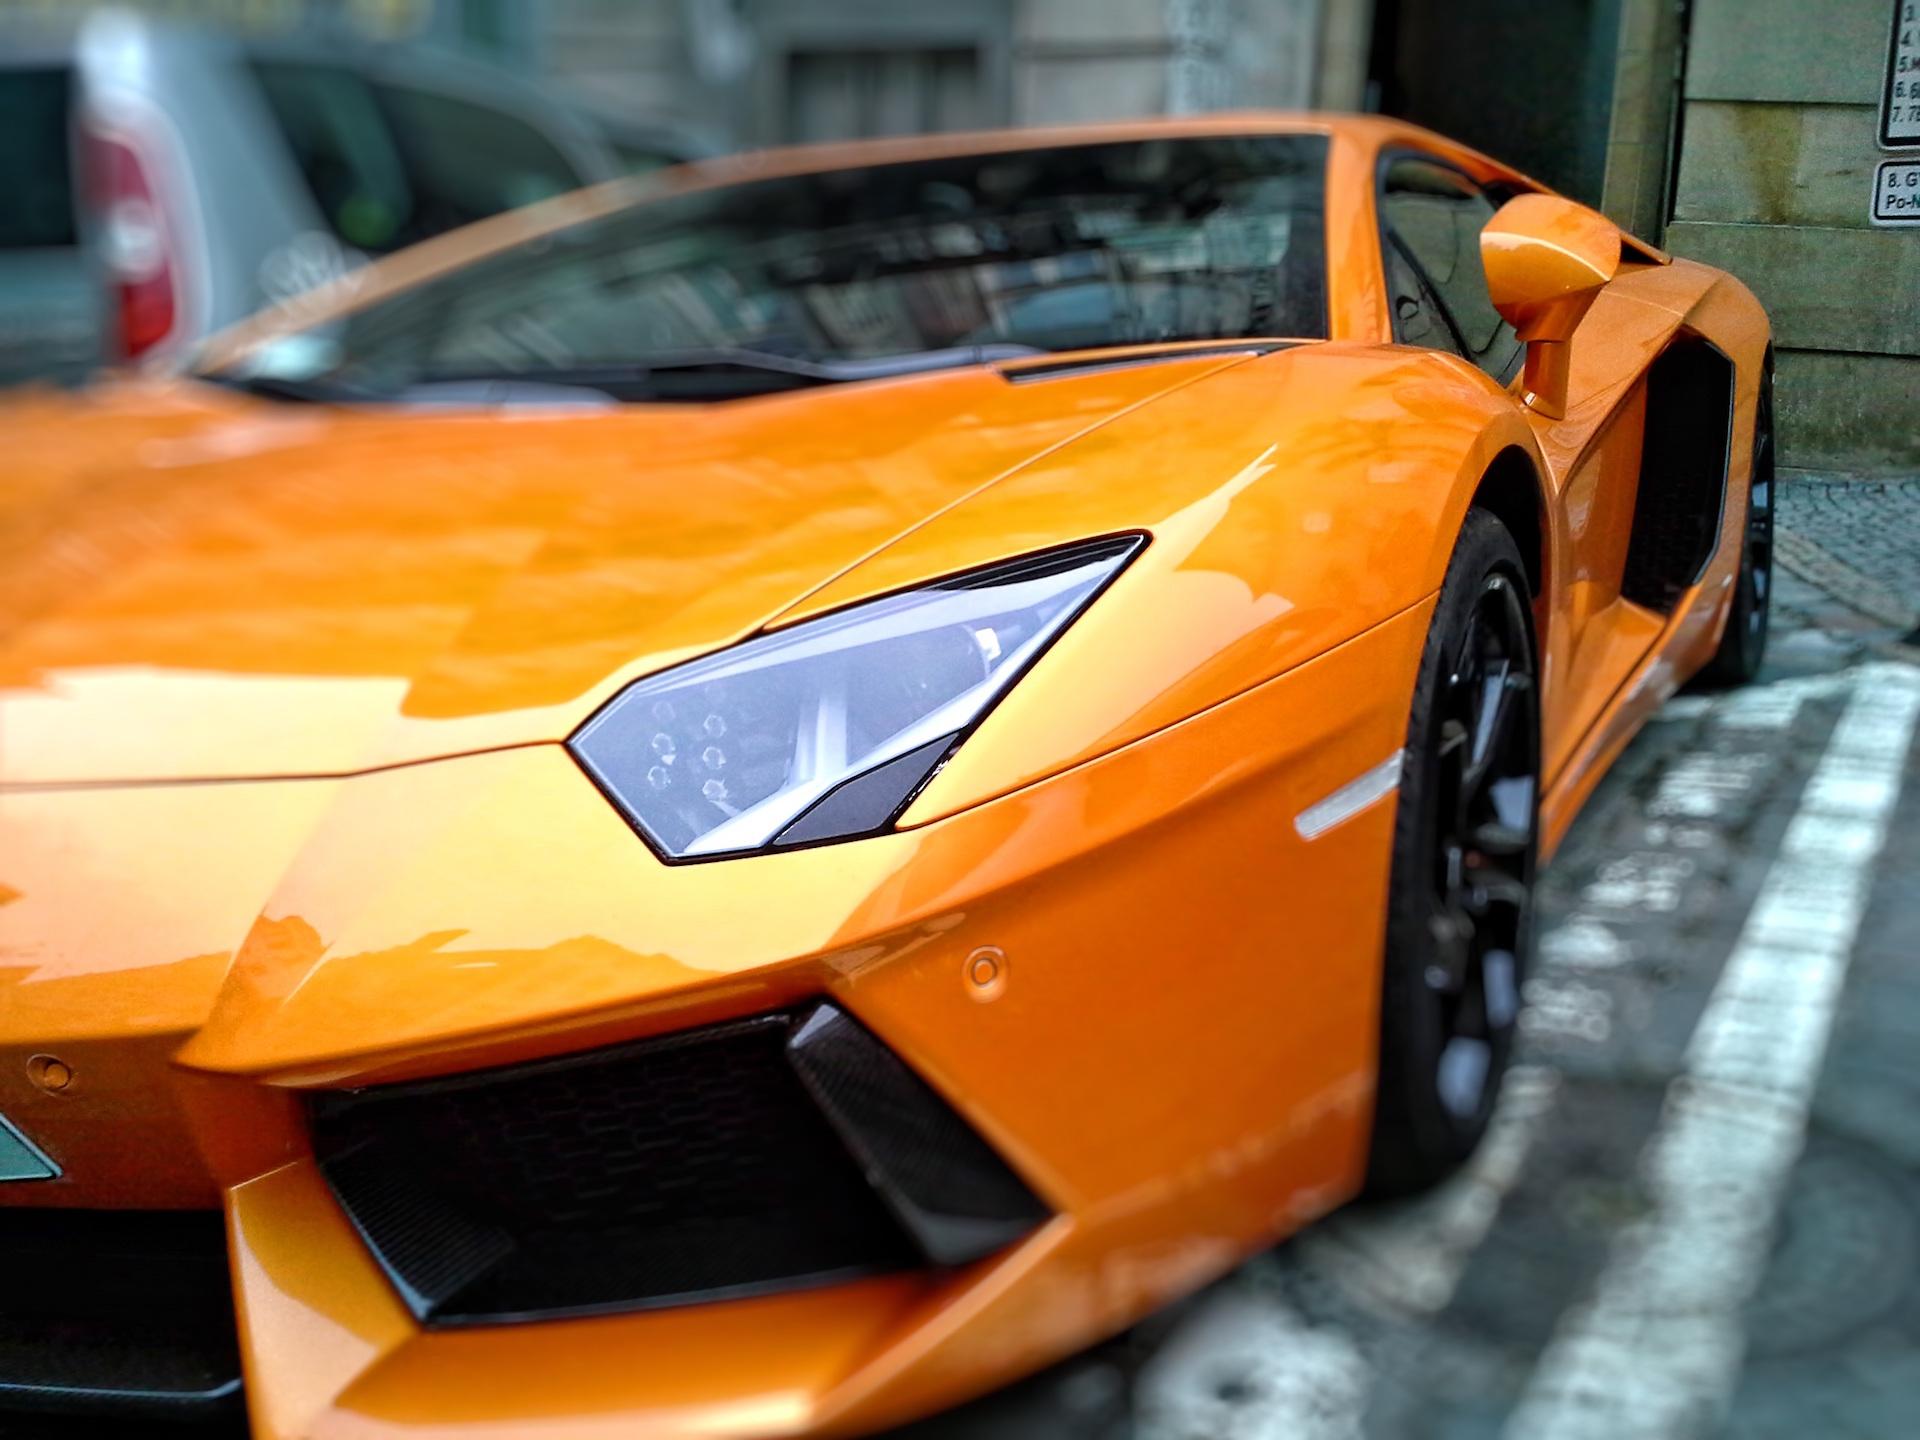 carro, Lamborghini, luxo, esportes, Laranja - Papéis de parede HD - Professor-falken.com